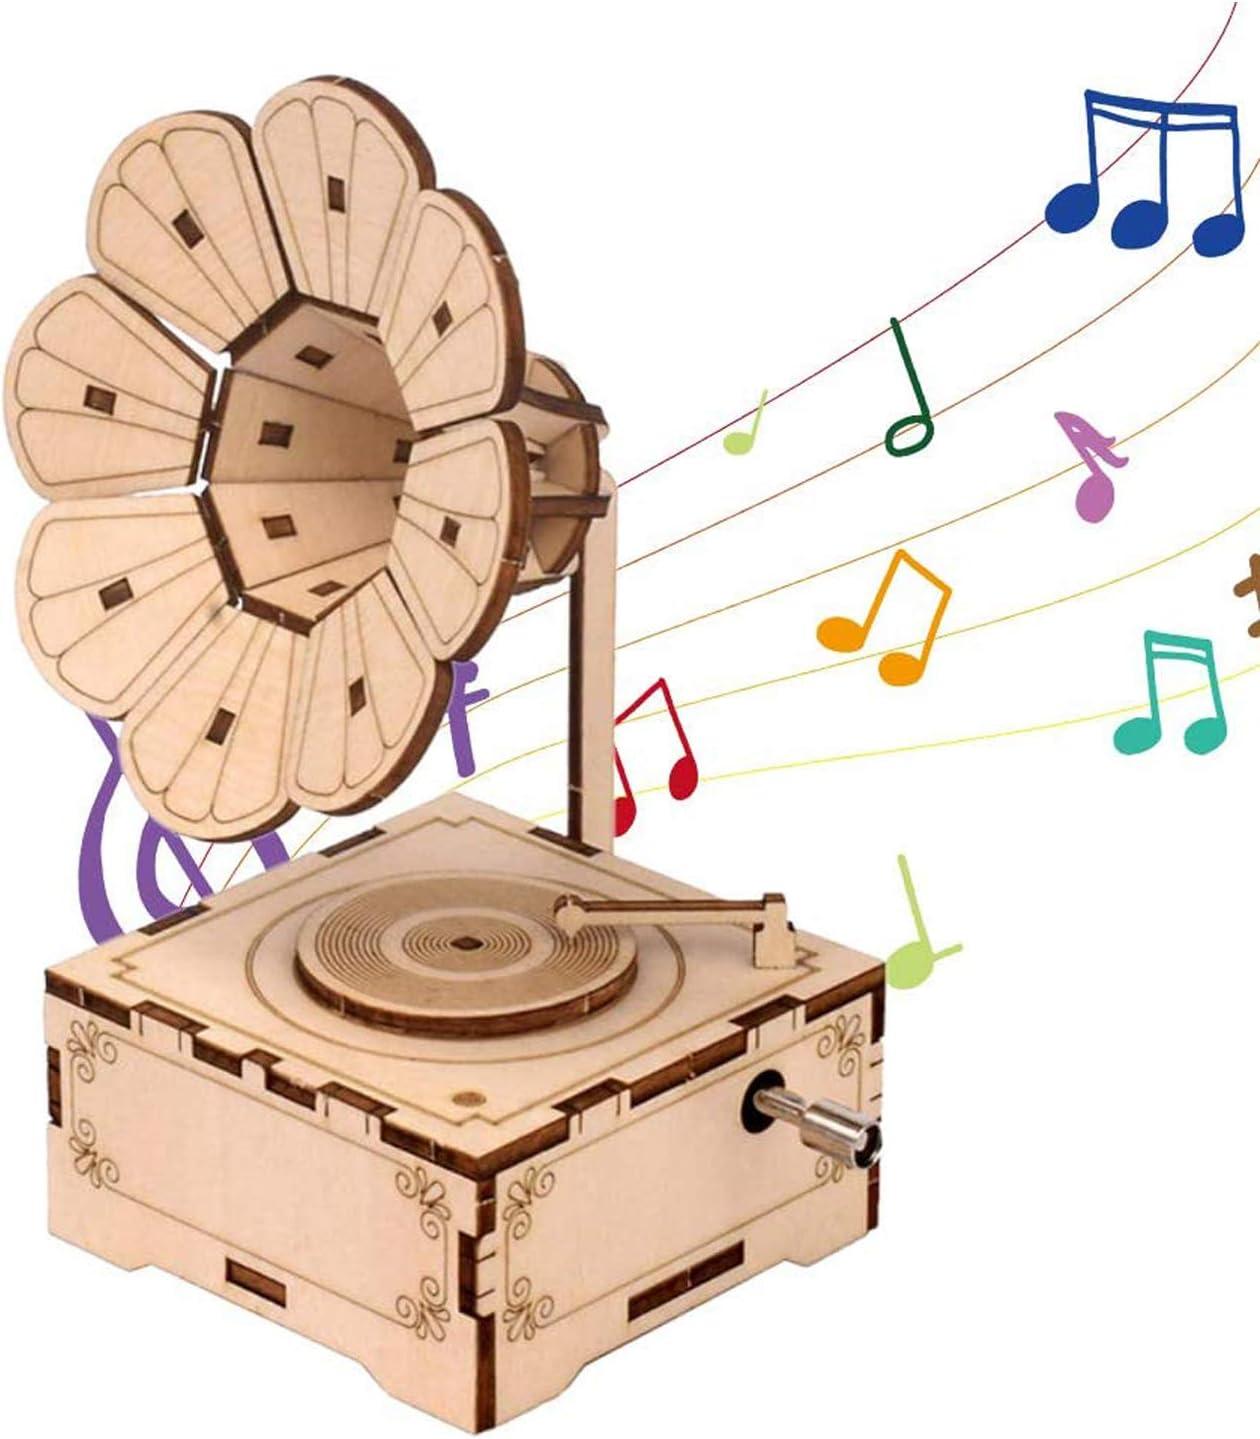 Bo/îte /À Musique Bo/îte /À Musique Gramophone Gramophone En Bois R/étro Bo/îte /À Musique En Bois Sculpt/ée /À La Main Puzzle En Bois 3d Pour Cadeau Danniversaire Accessoire De D/écoration Int/&ea